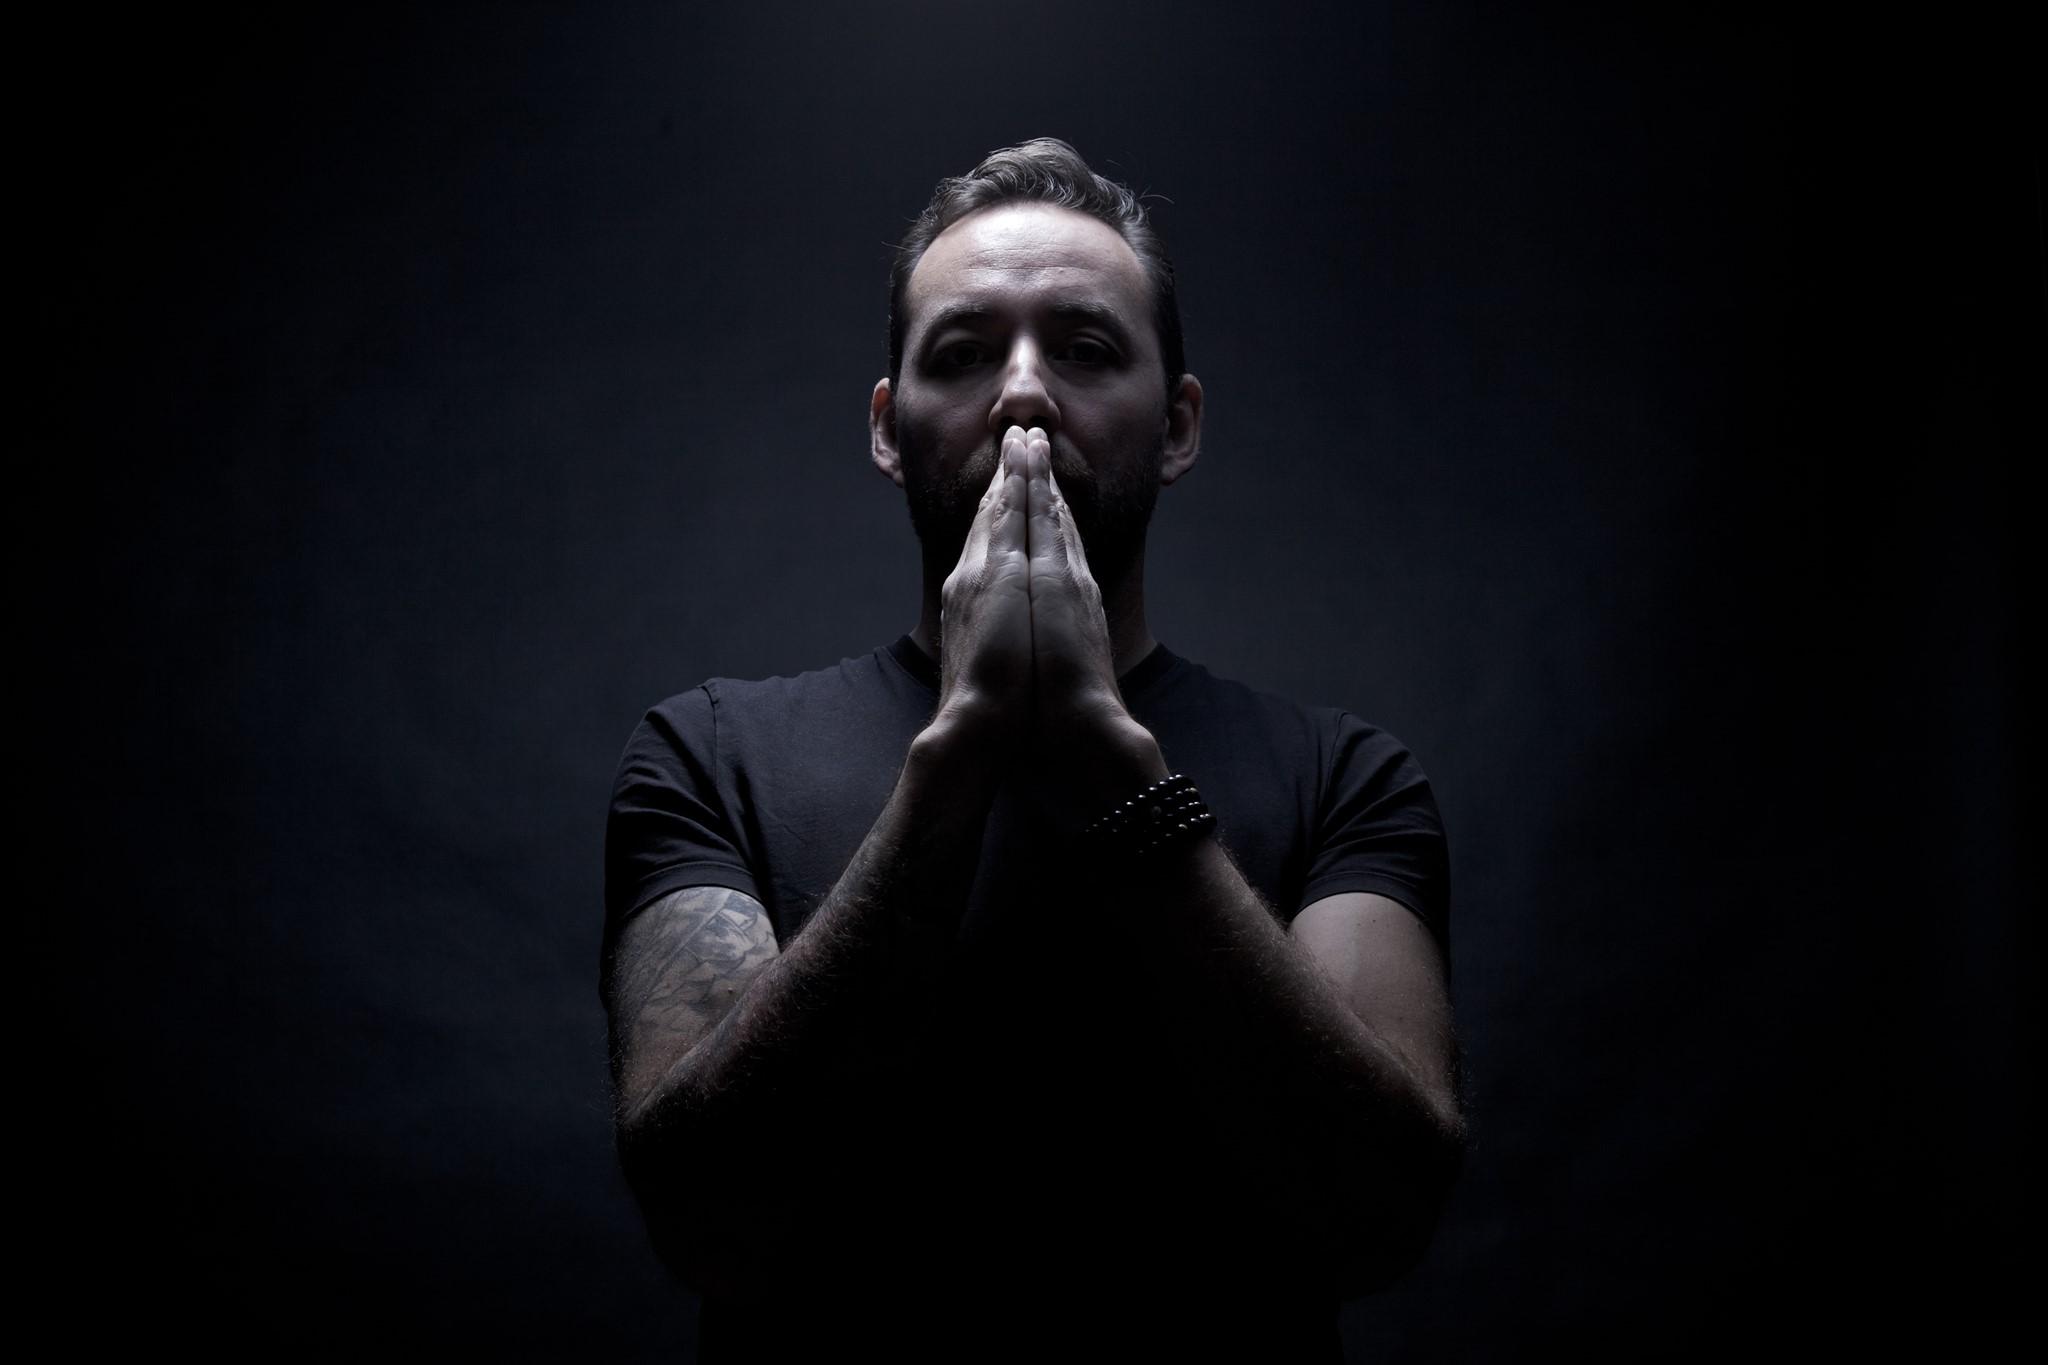 Interview | HALO'S EVE (Darkwave / Darksynth - France)